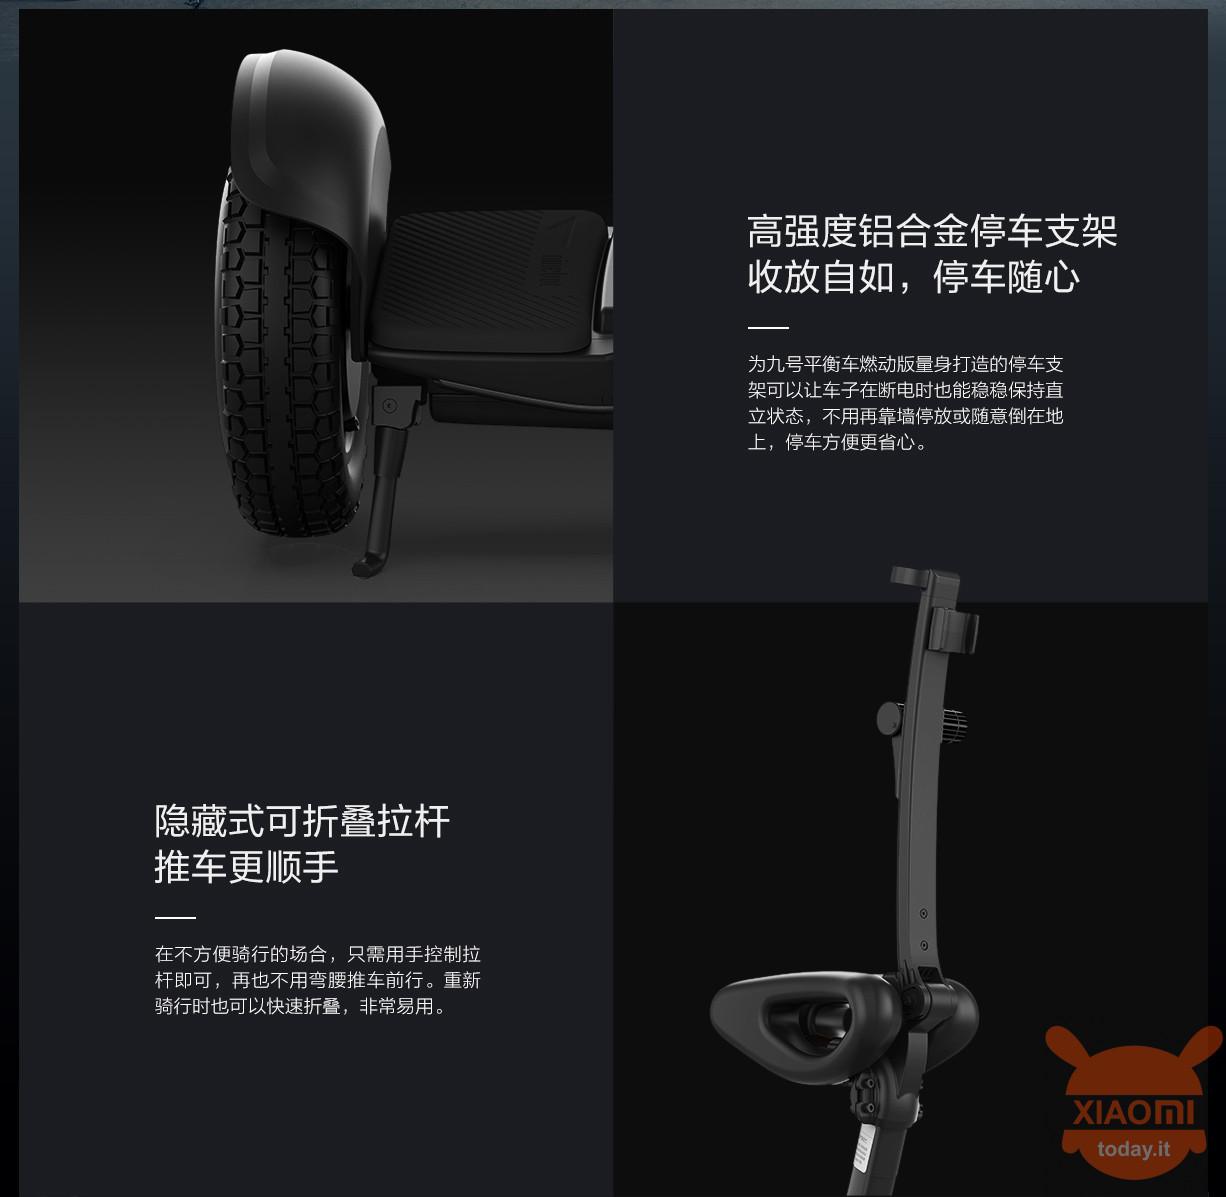 Xiaomi Mijia Ninebot बैलेंस स्कूटर